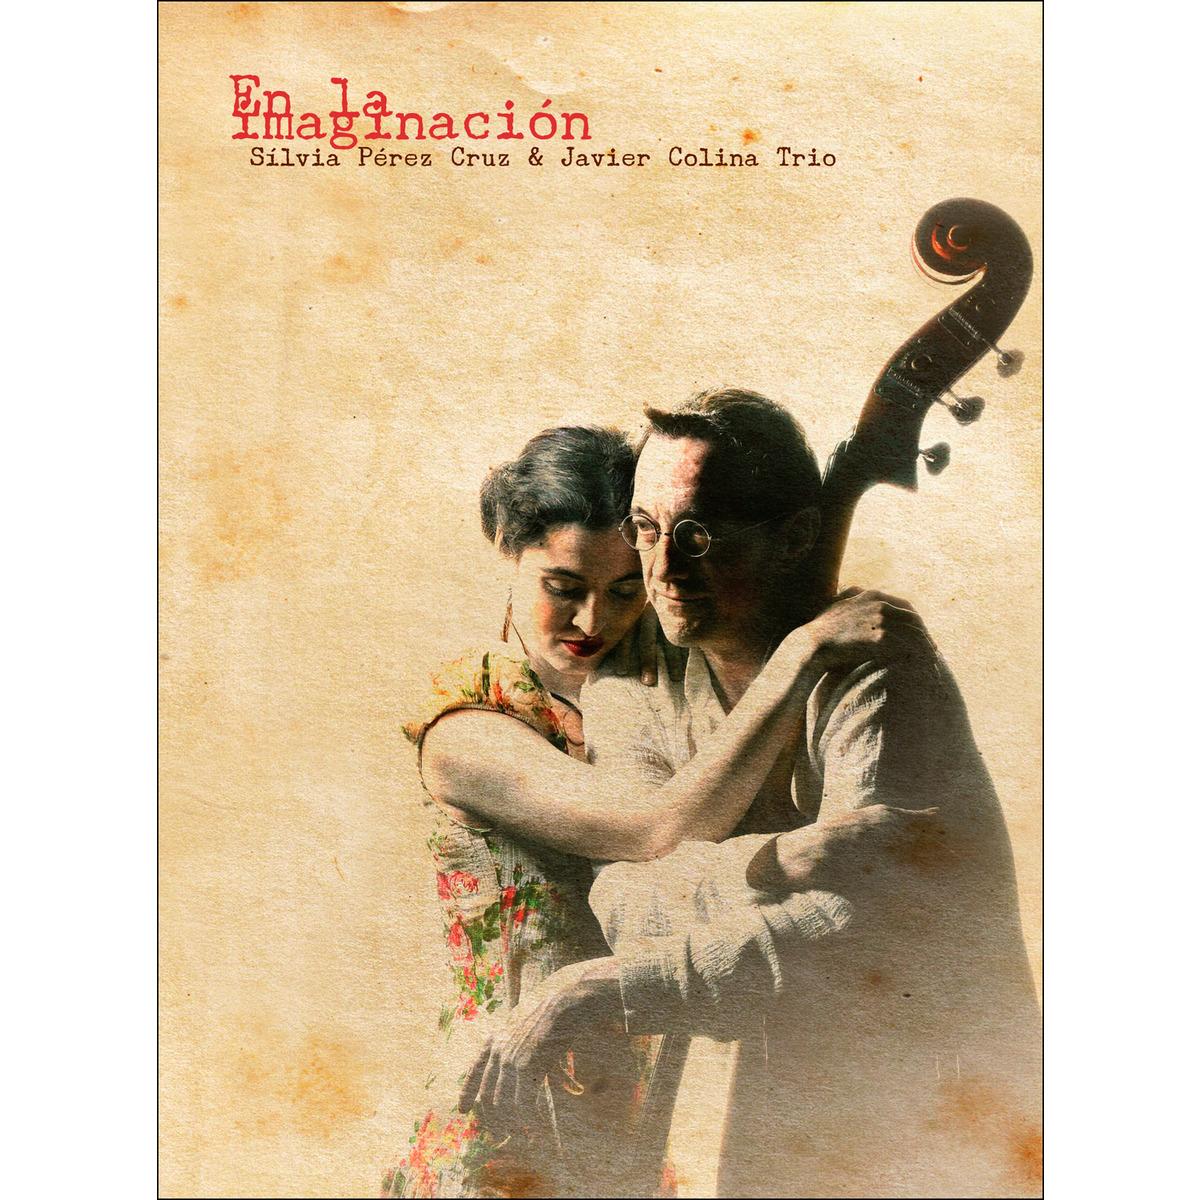 EN LA IMAGINACION -CD + DVD-